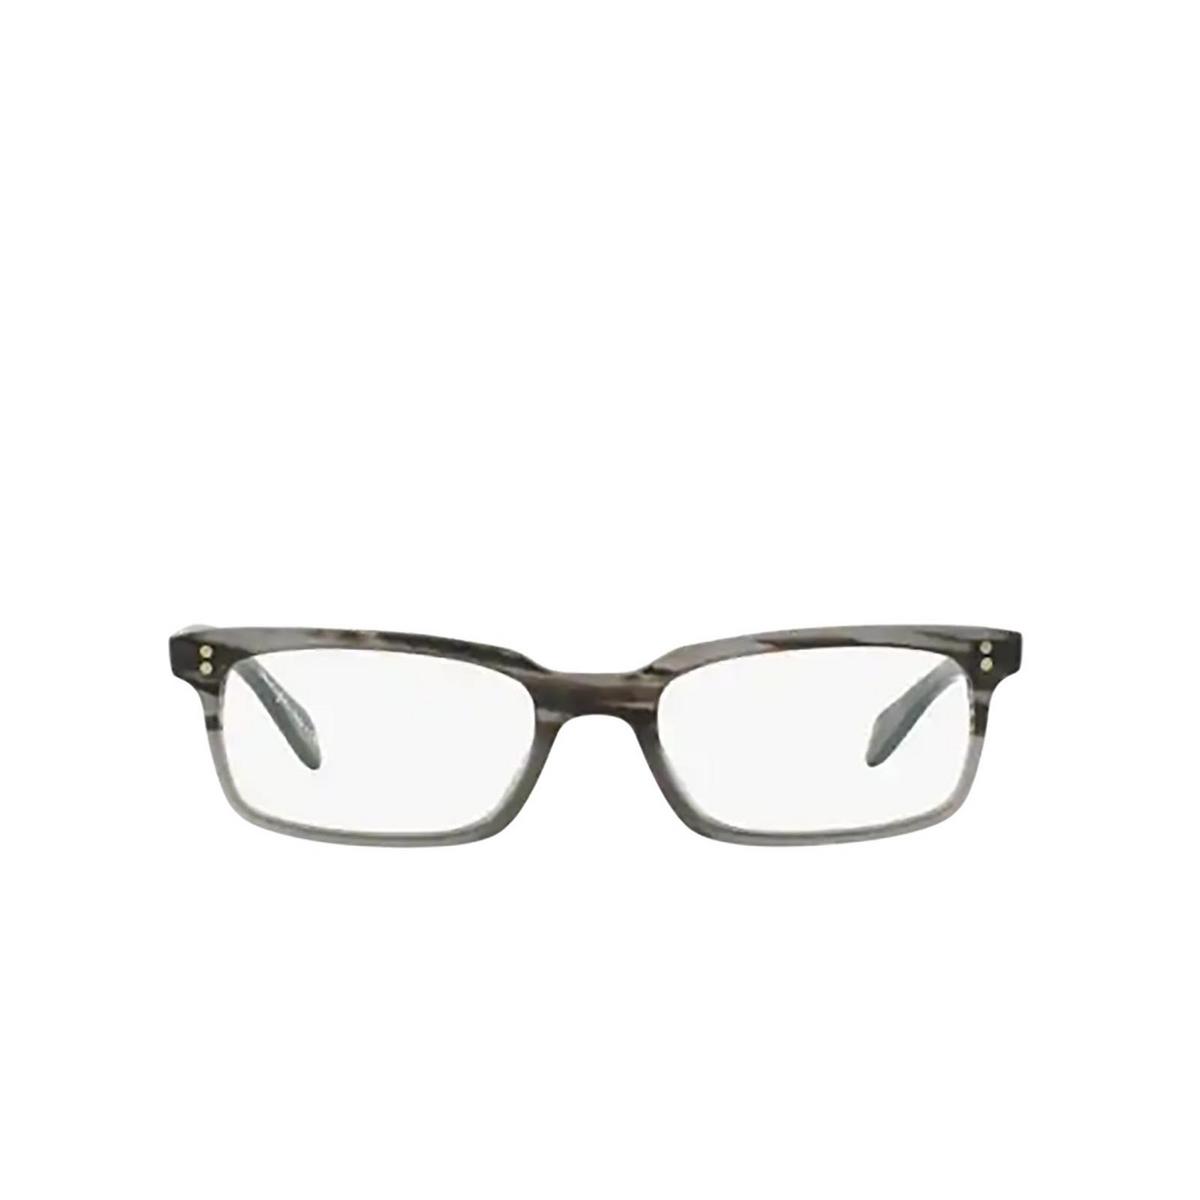 Oliver Peoples® Rectangle Eyeglasses: Denison OV5102 color Matte Storm 1124 - front view.